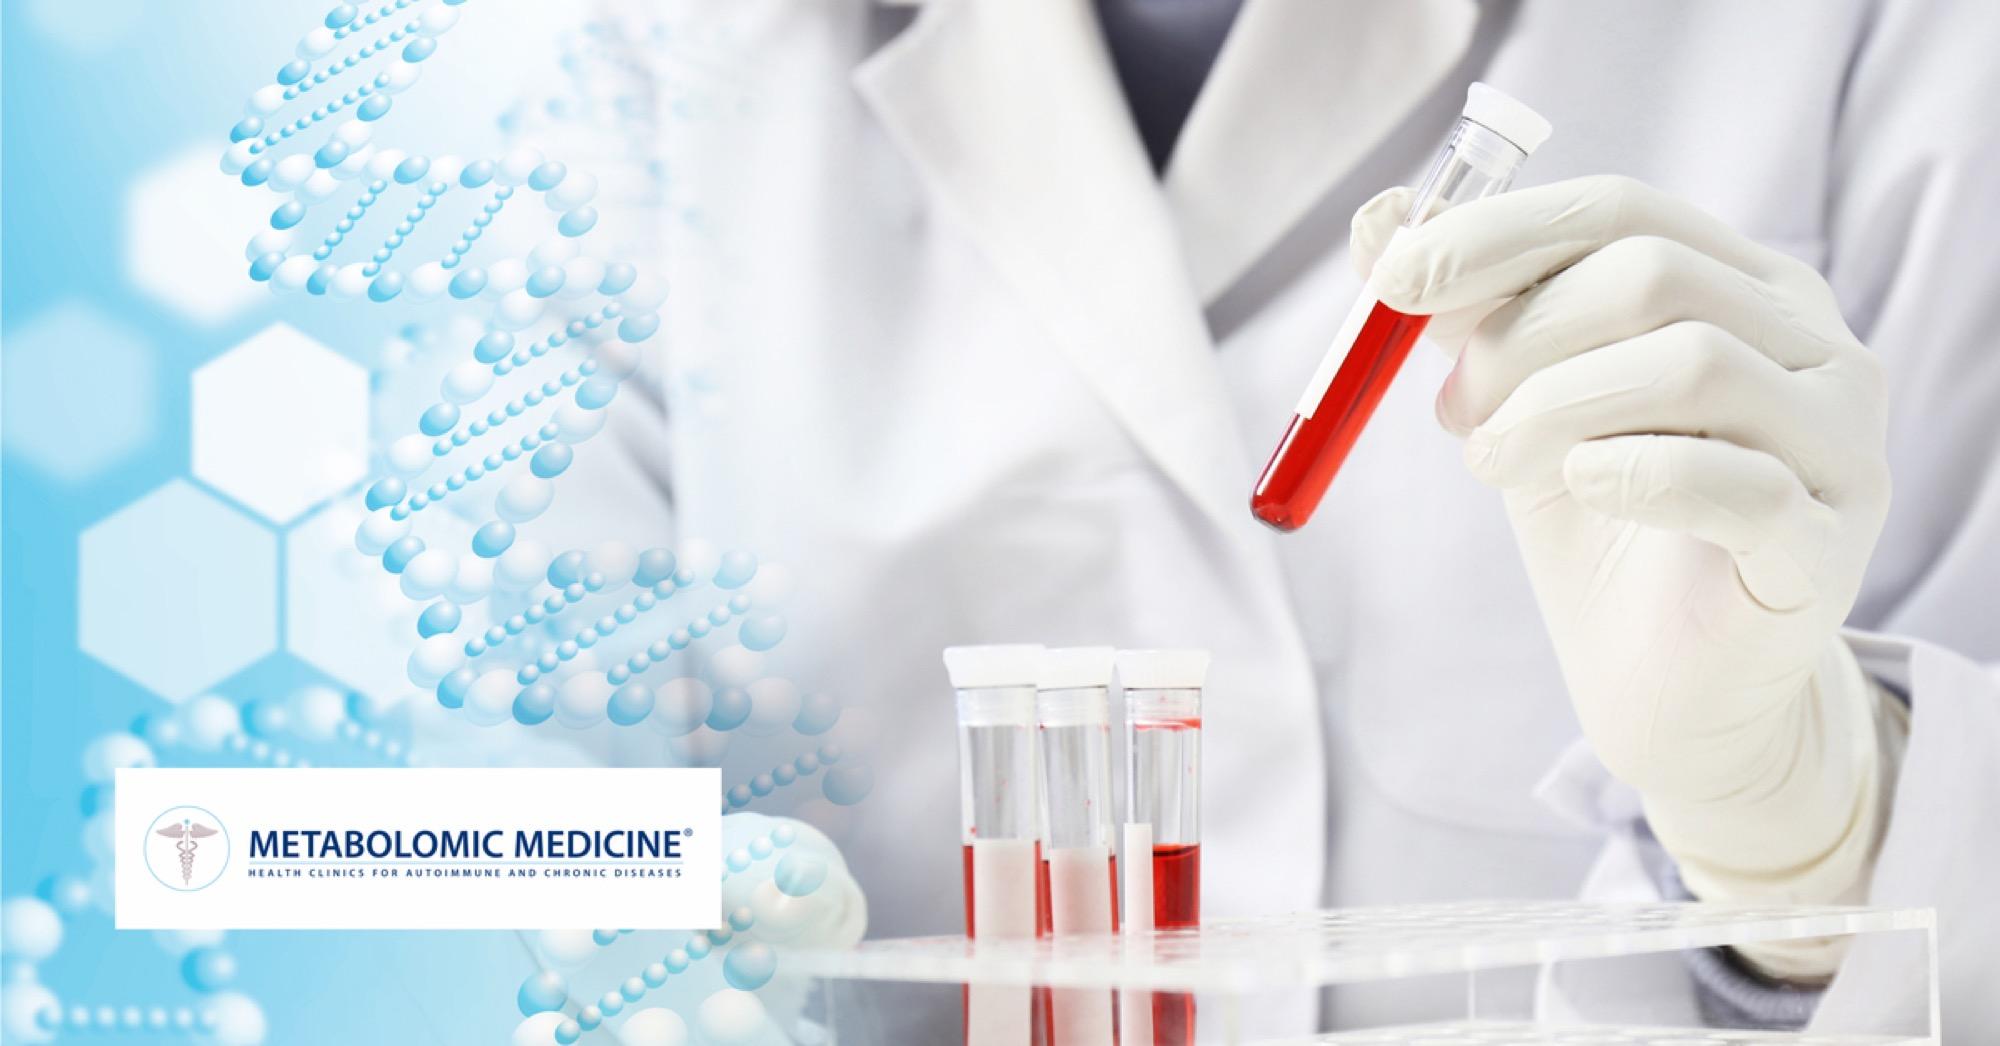 Μεταβολομική: Η επιστήμη που εντοπίζει διαταραχές πριν εμφανιστεί μία νόσος